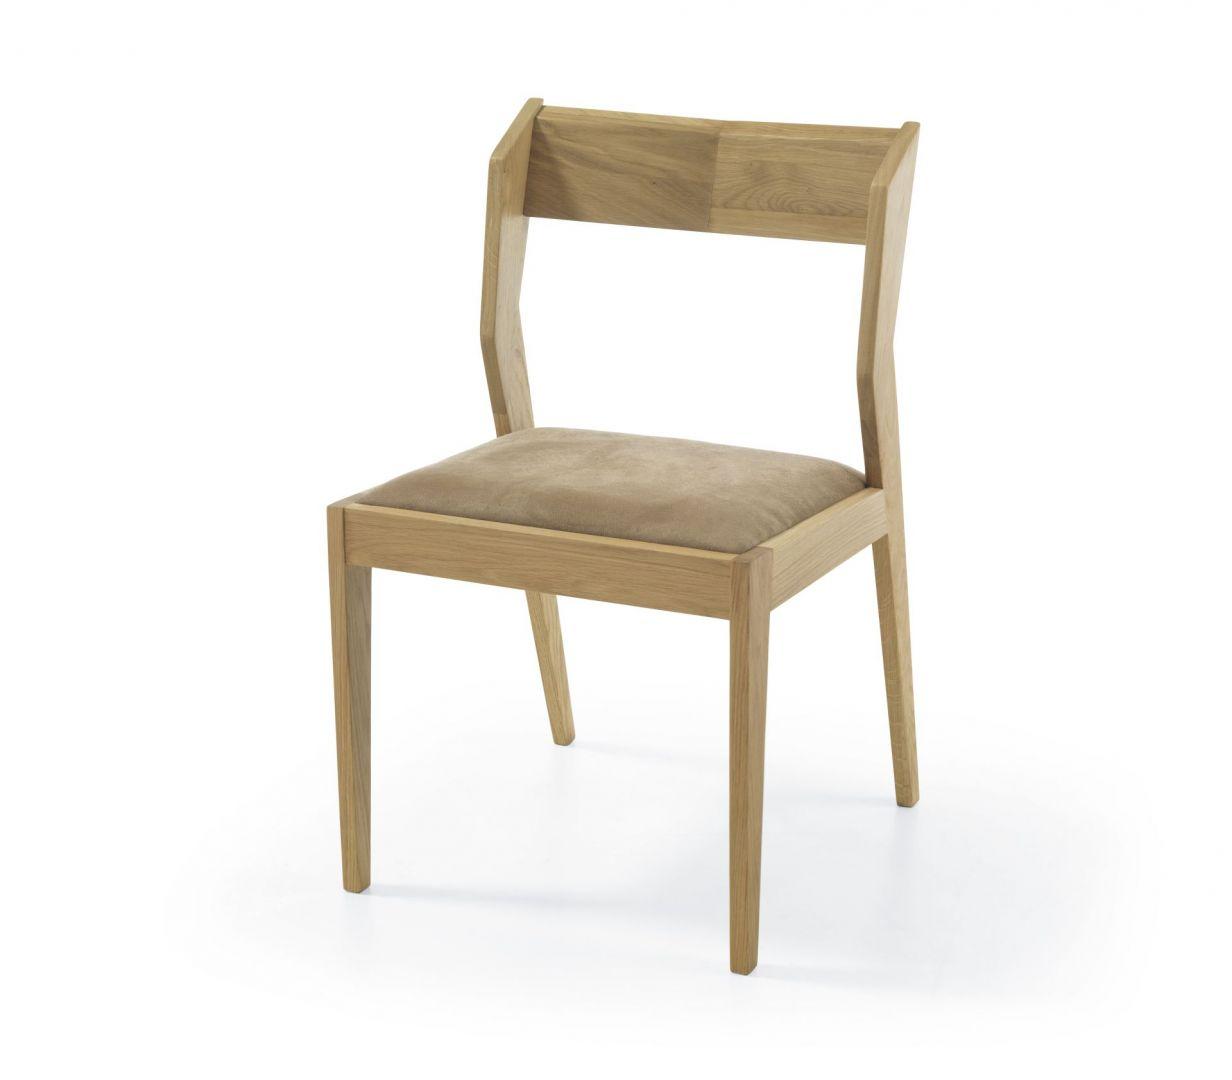 Agile to krzesła model, który w doskonały sposób zawiera w sobie prostotę oraz innowacyjność. Subtelne obicie jedynie siedziska, powoduje efekt delikatności krzesła. Krzesło wykonane zostało z drewna dębowego, o wyjątkowej barwie. Fot. Congrazio